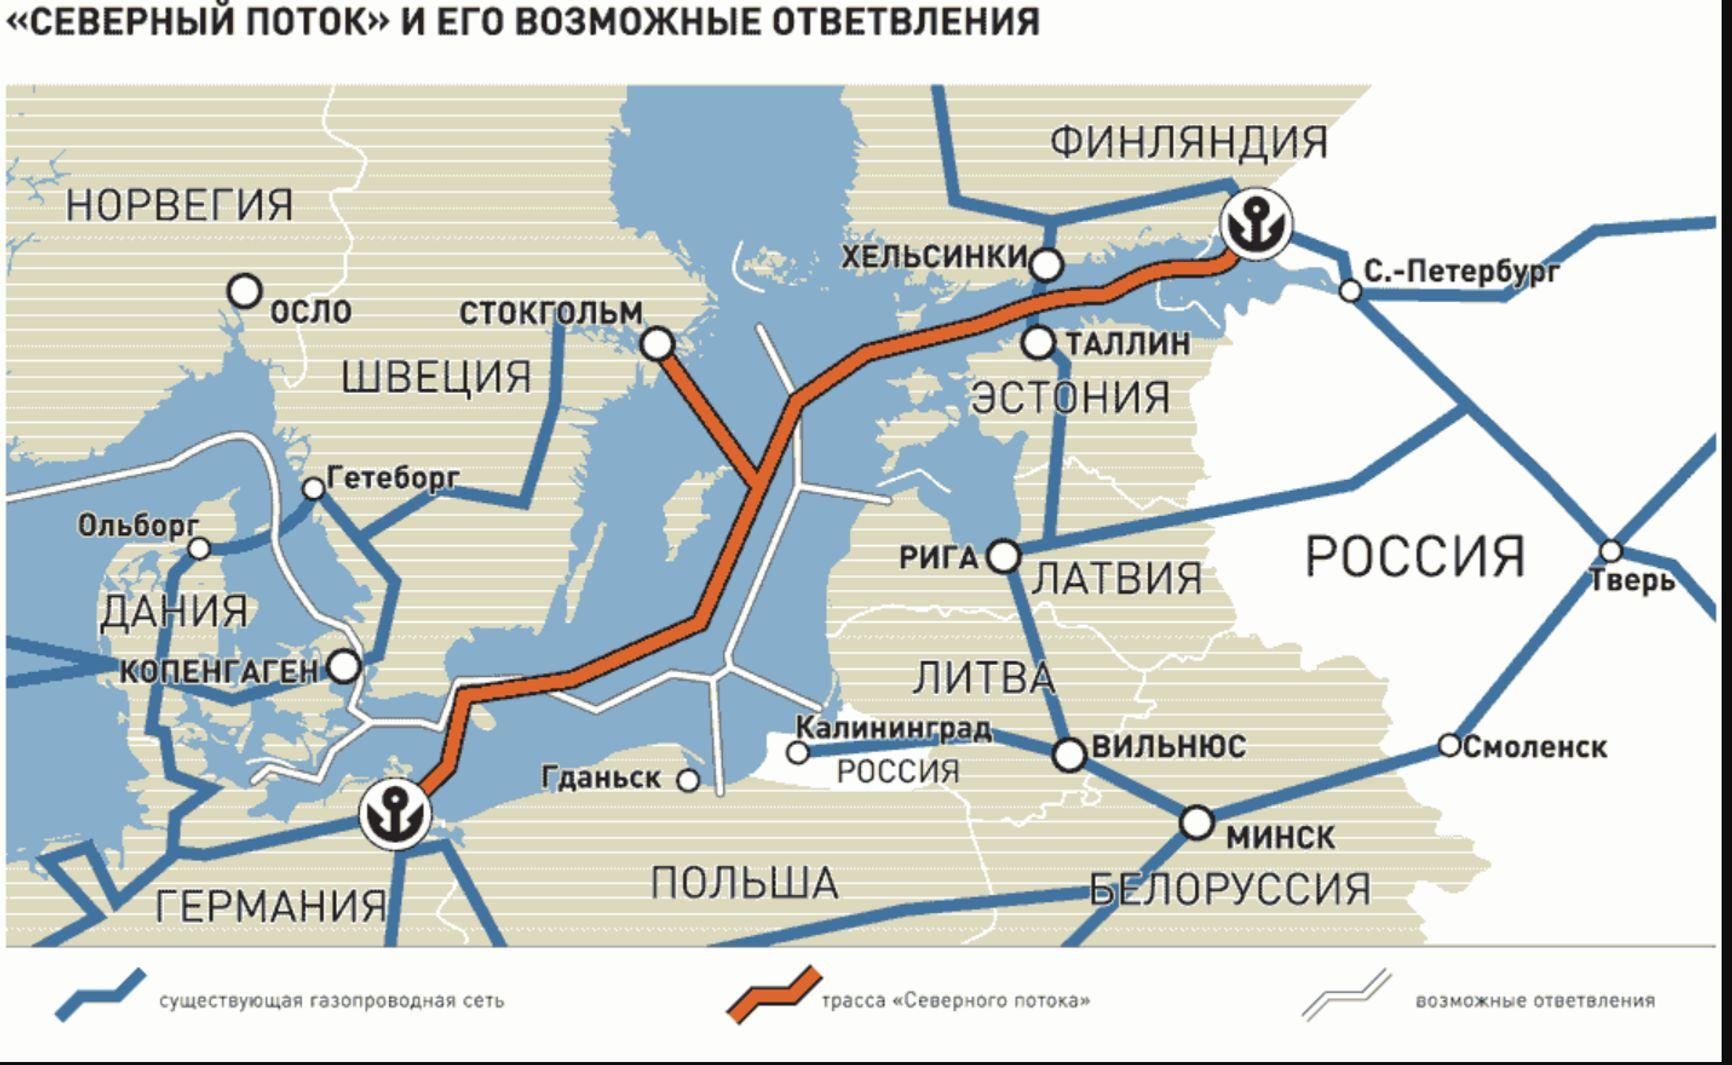 """""""Северный поток"""" и его возможные ответвления. Источник: """"Газпром"""""""